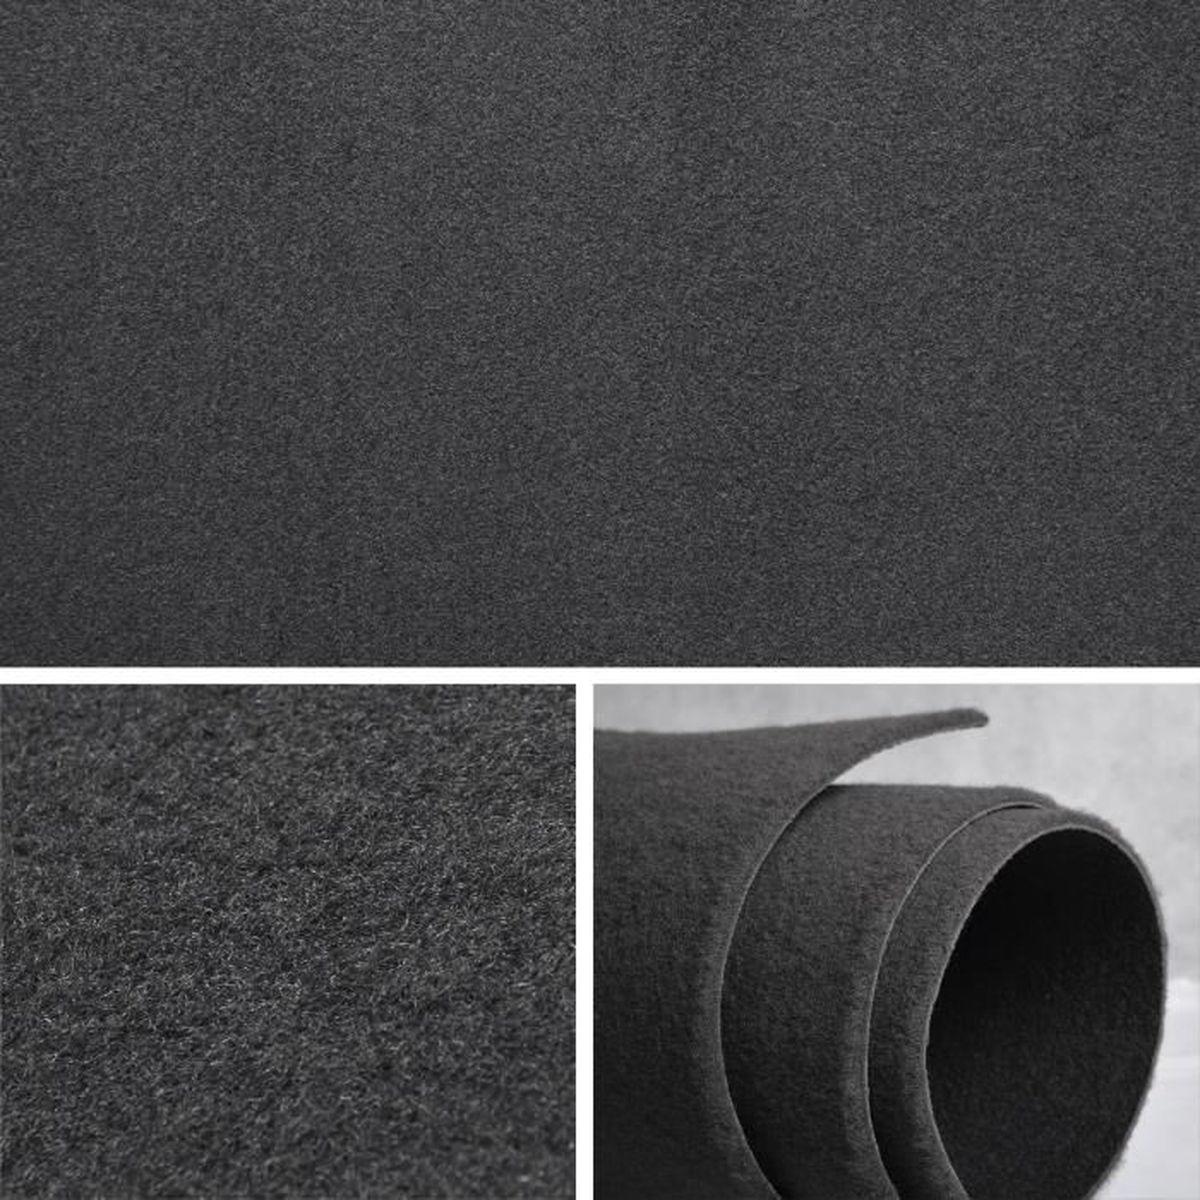 moquette de luxe gris achat vente voiture moquette de. Black Bedroom Furniture Sets. Home Design Ideas